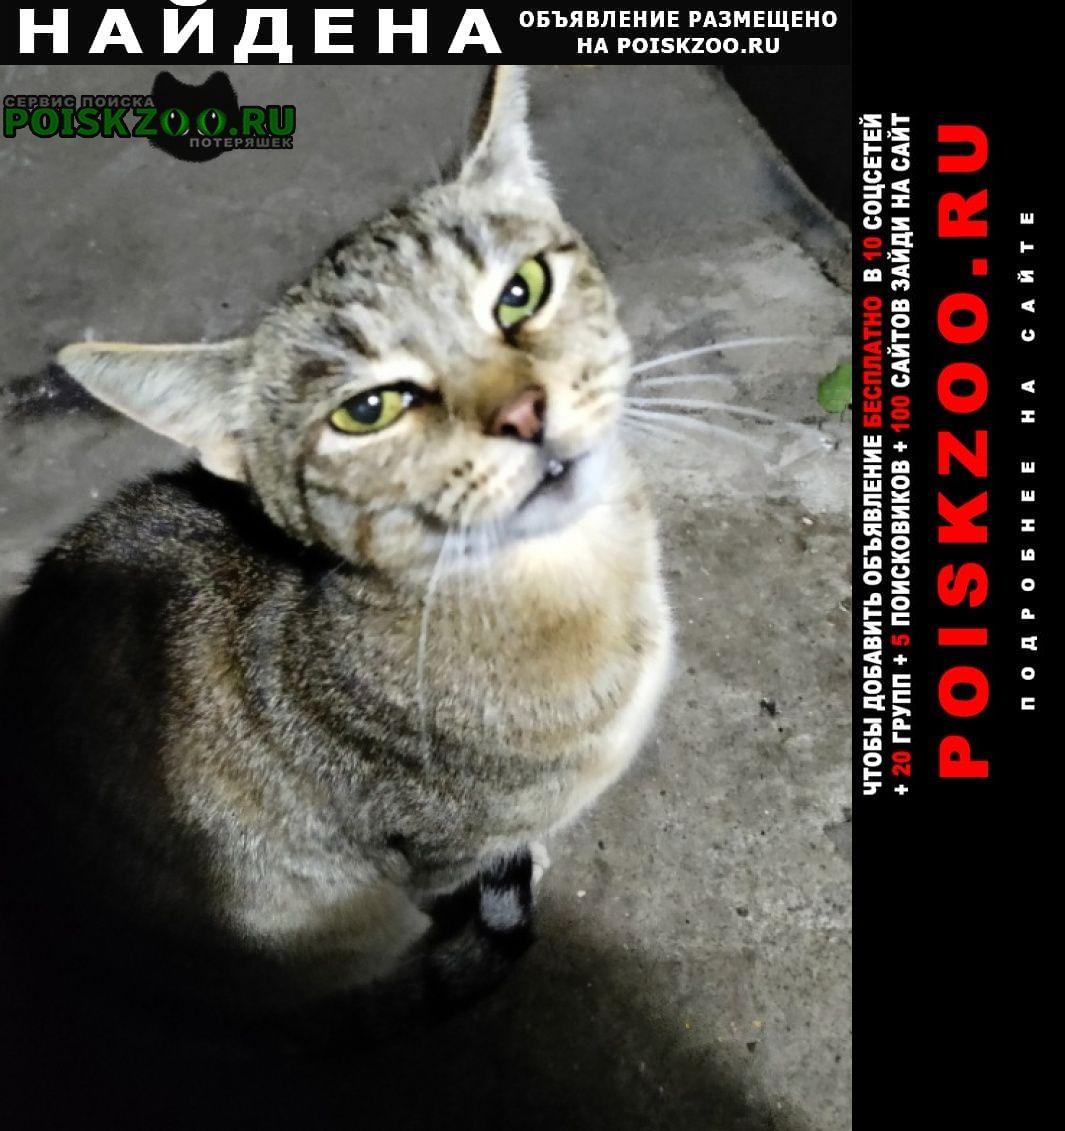 Найдена кошка на уральская 6к1 Москва